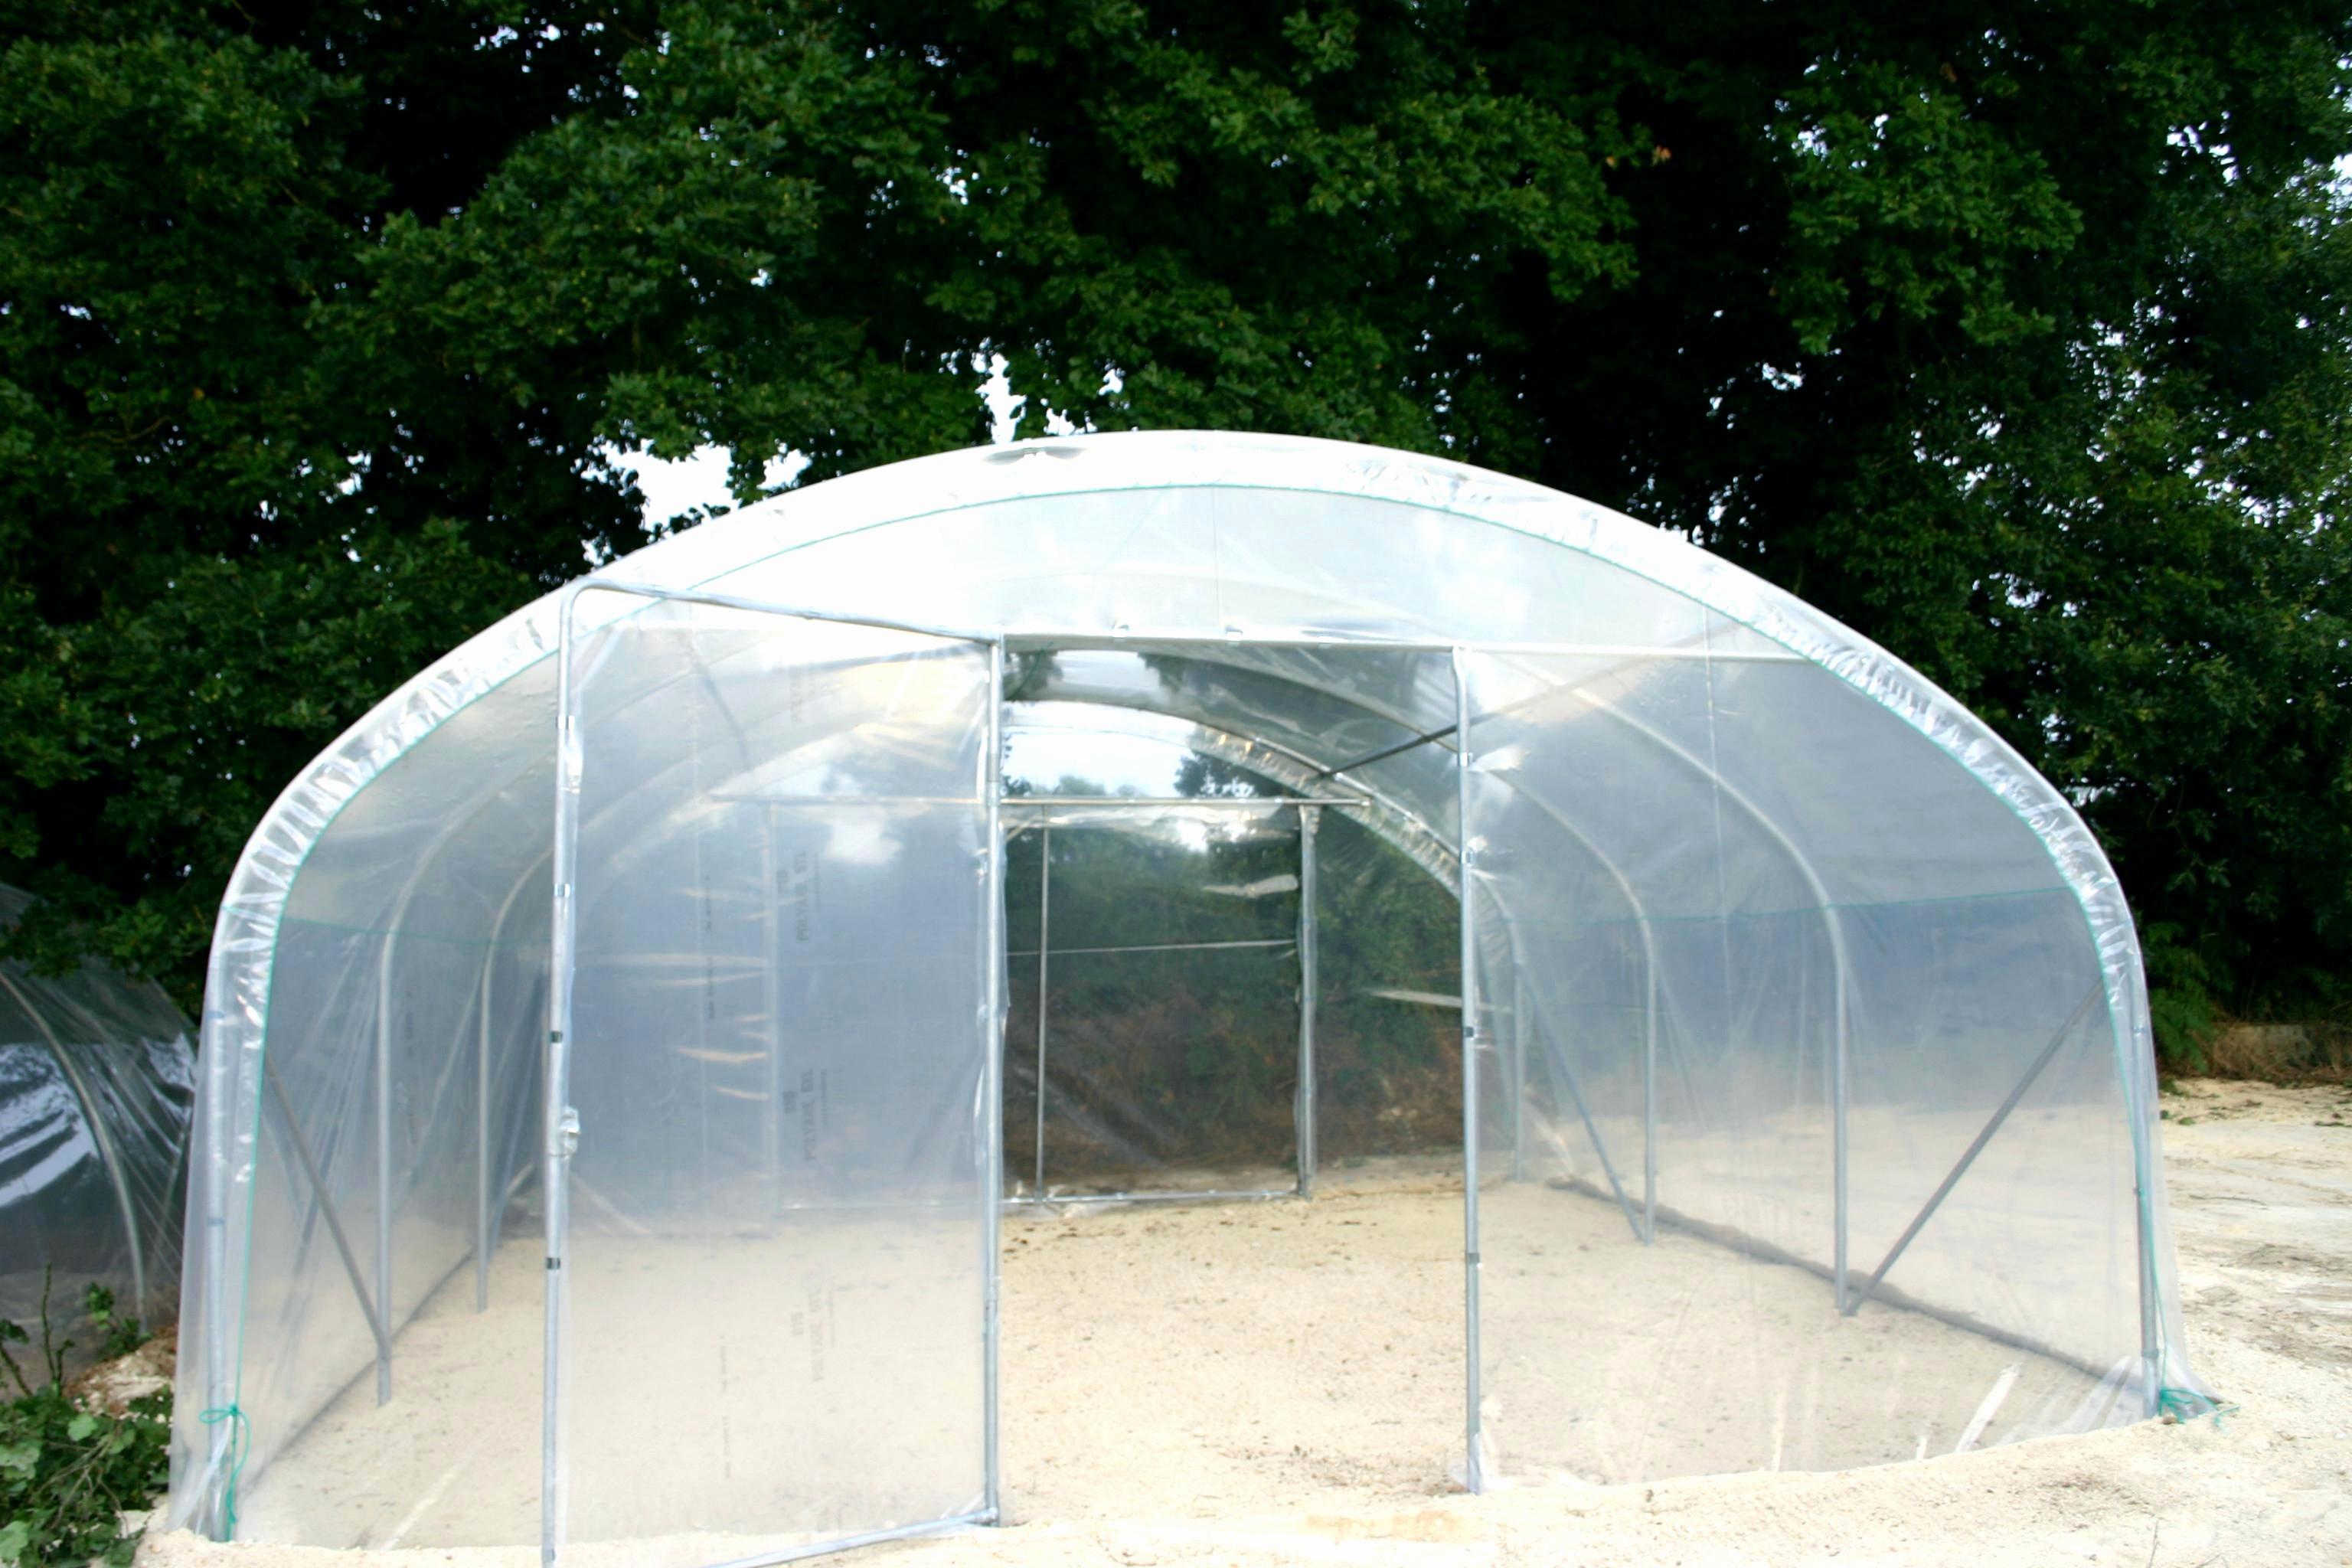 Cabane En Bois Pas Cher Inspirant Photos Cabane De Jardin En Bois Pas Cher Avec Fascinant Abrit De Jardin En